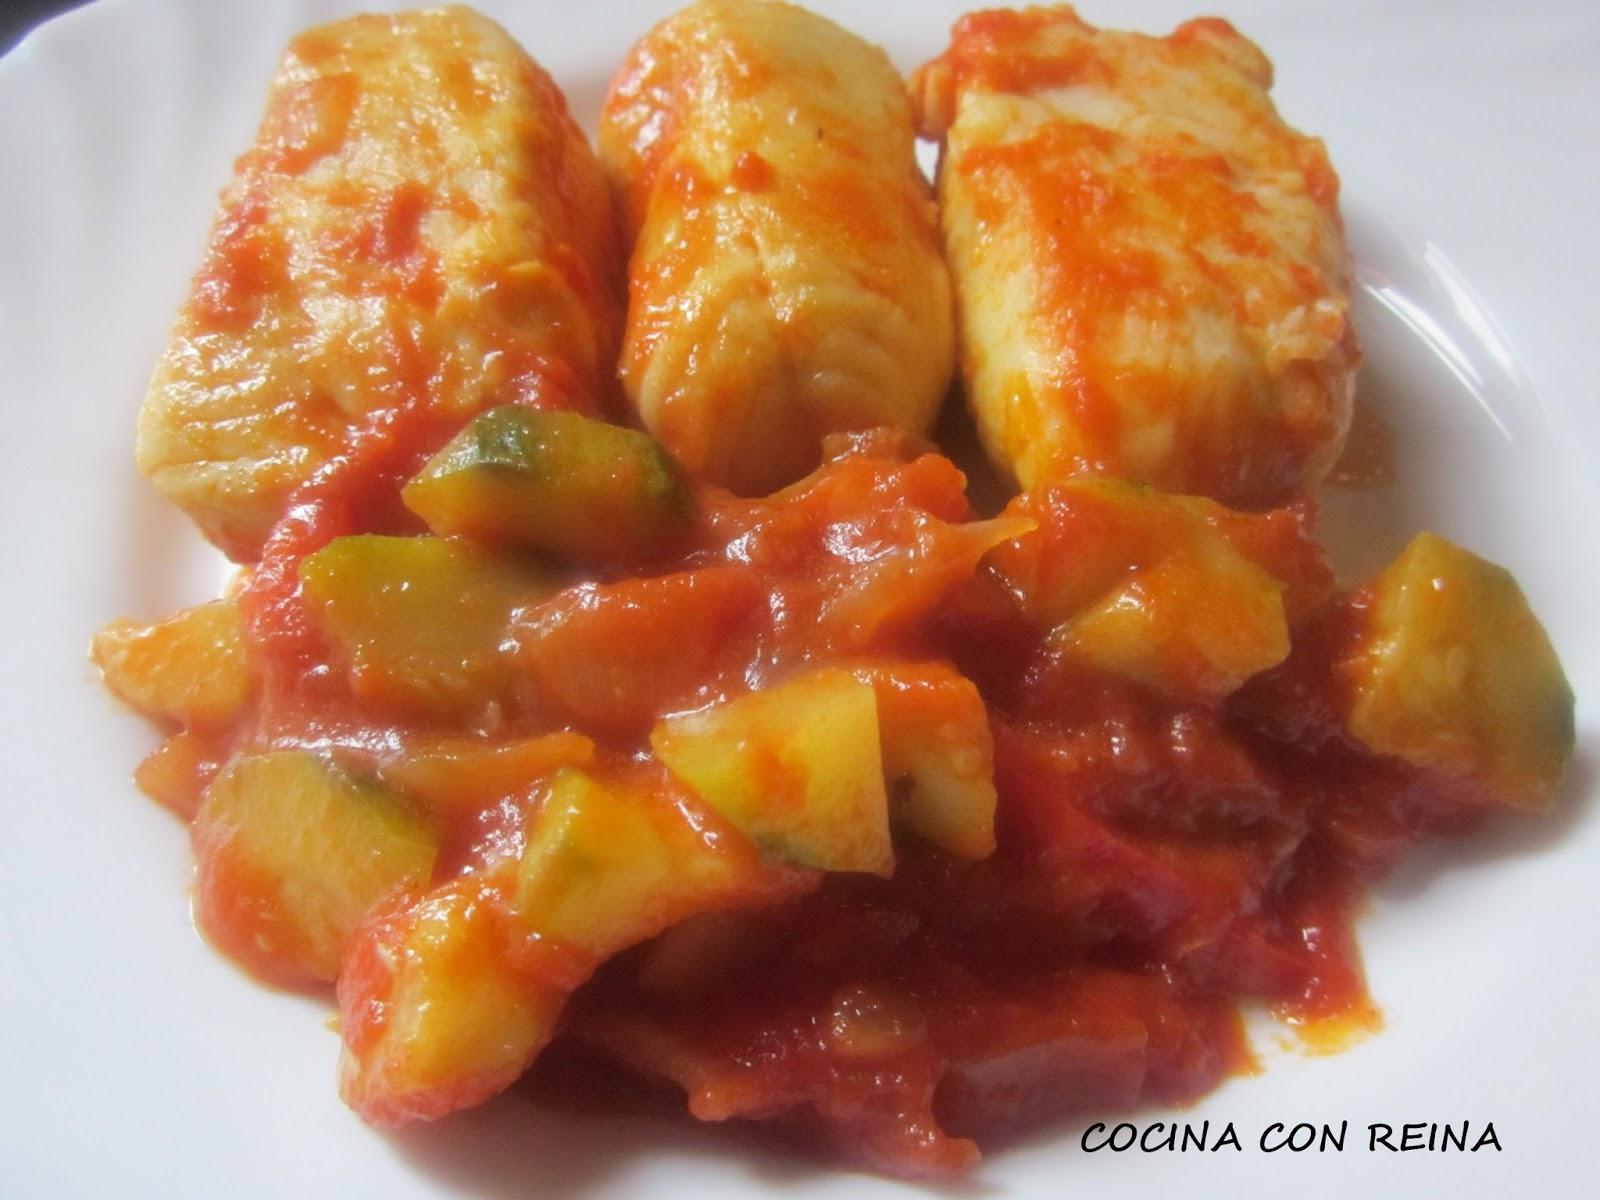 Lomos de merluza en salsa de dieta cocina con reina - Cocinar lomos de merluza ...